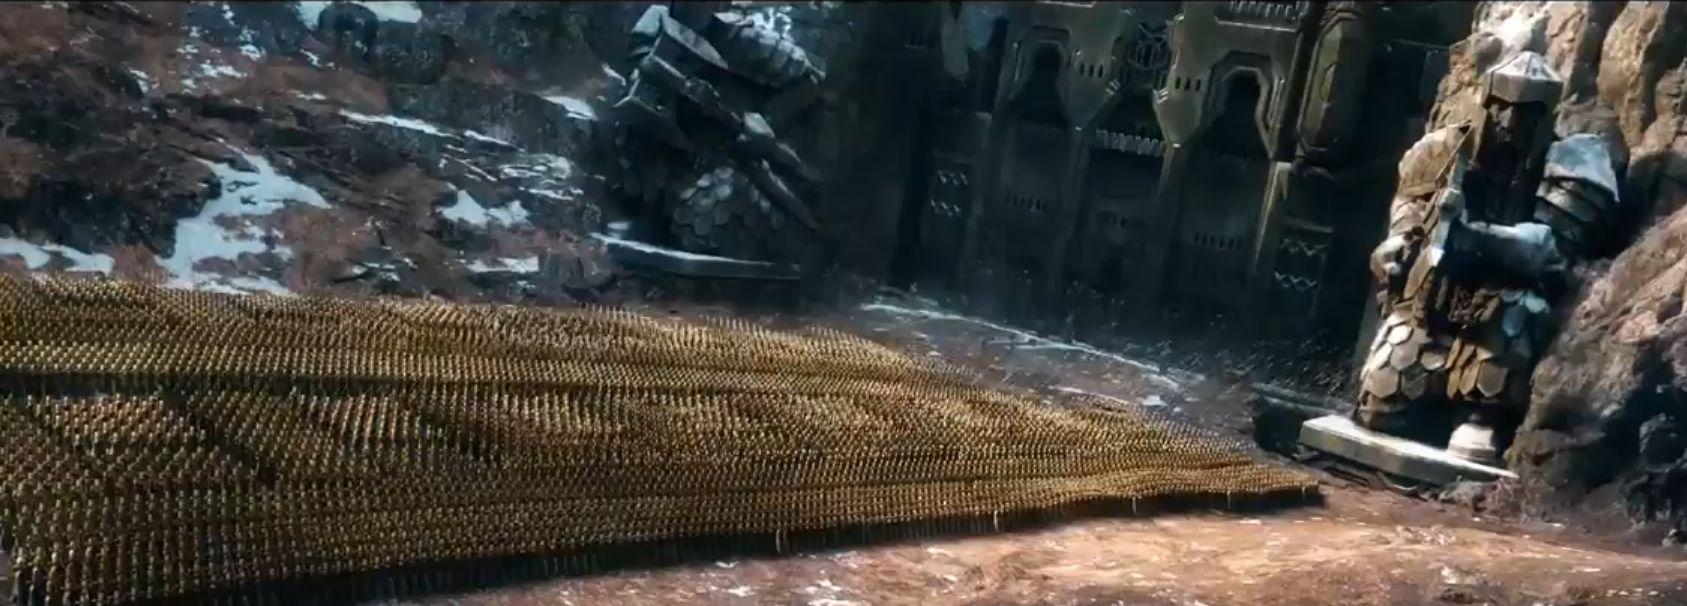 Der Hobbit Die Schlacht Der Fünf Heere Extended Stream